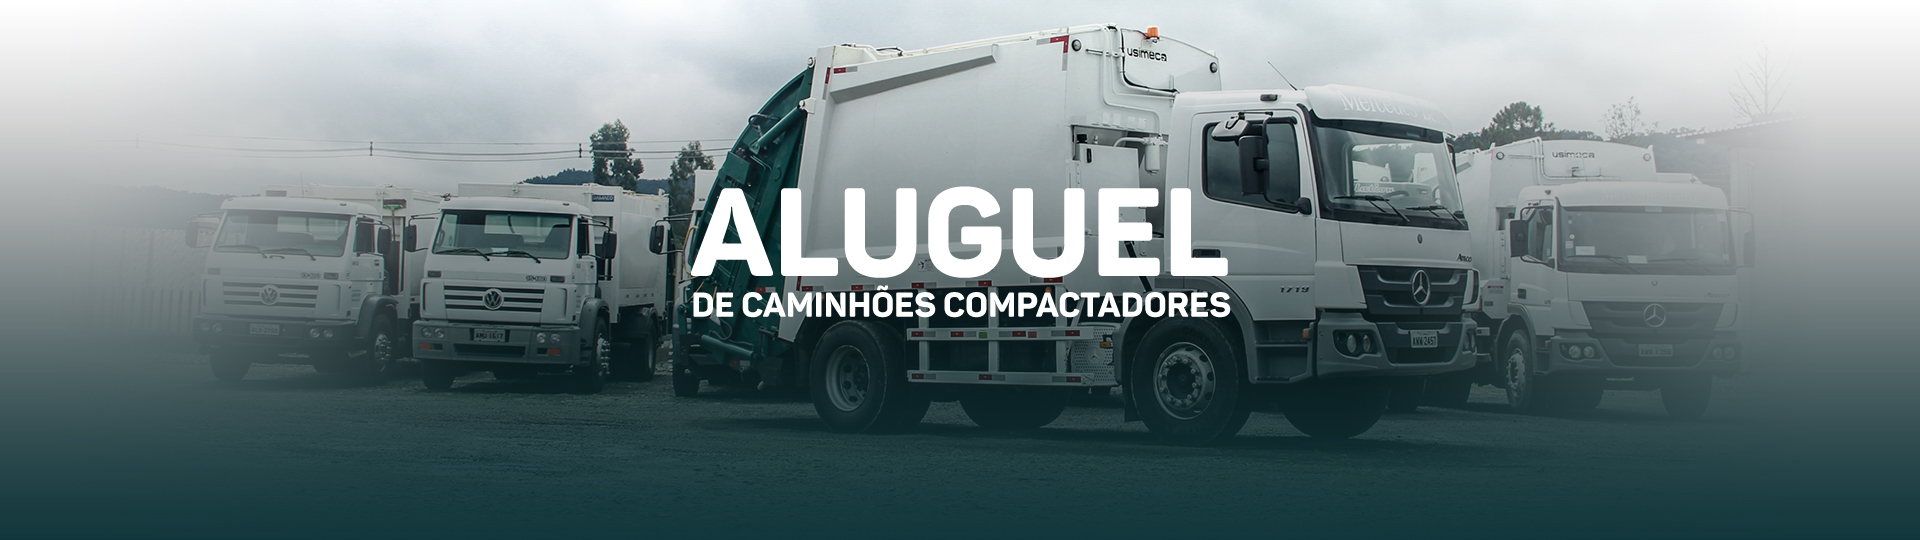 Aluguel de caminhões compactadores